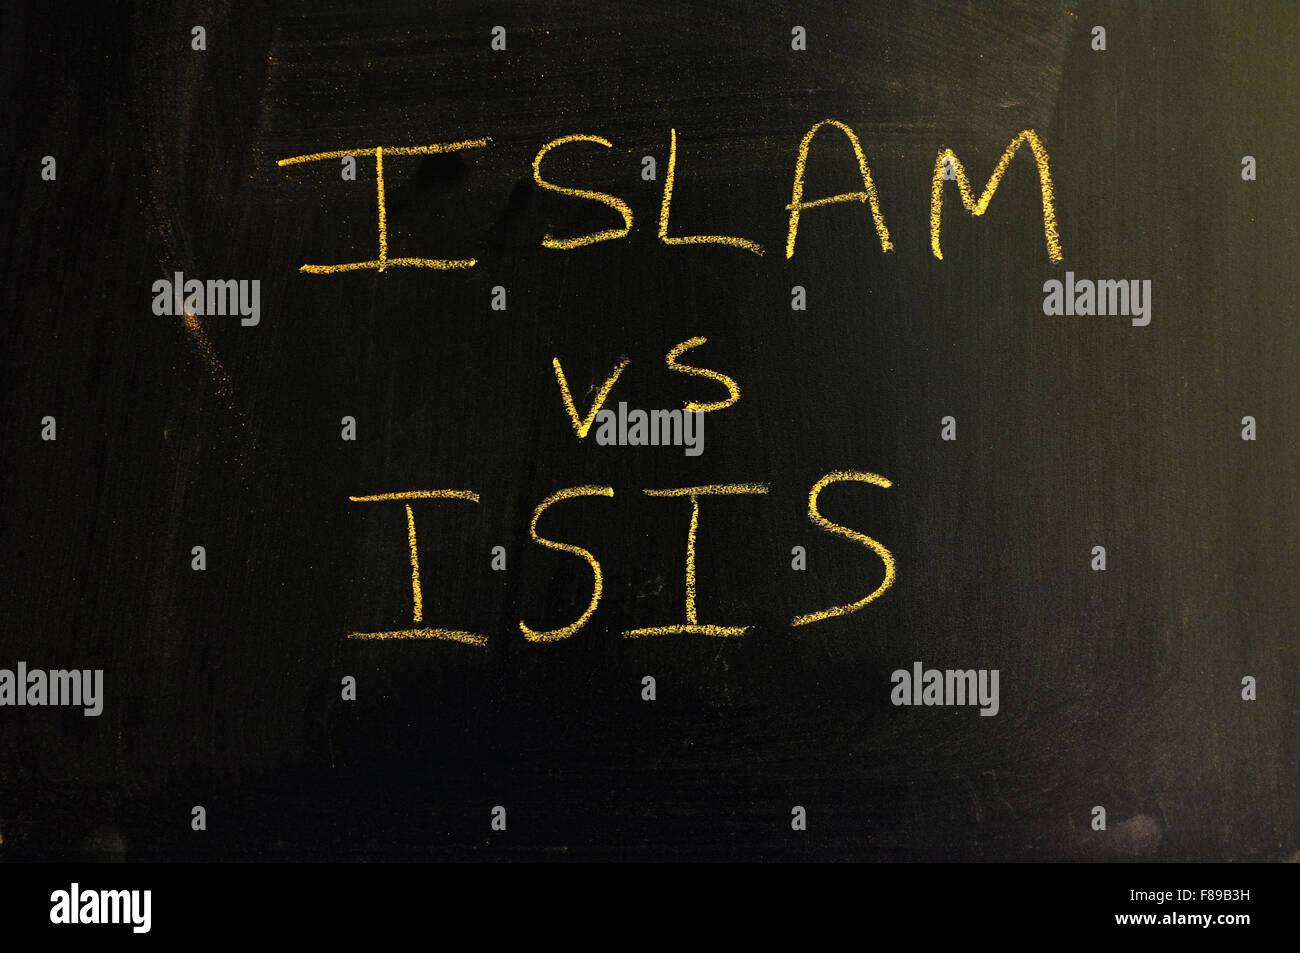 Islam vs ISIS written on a blackboard in chalk. Stock Photo